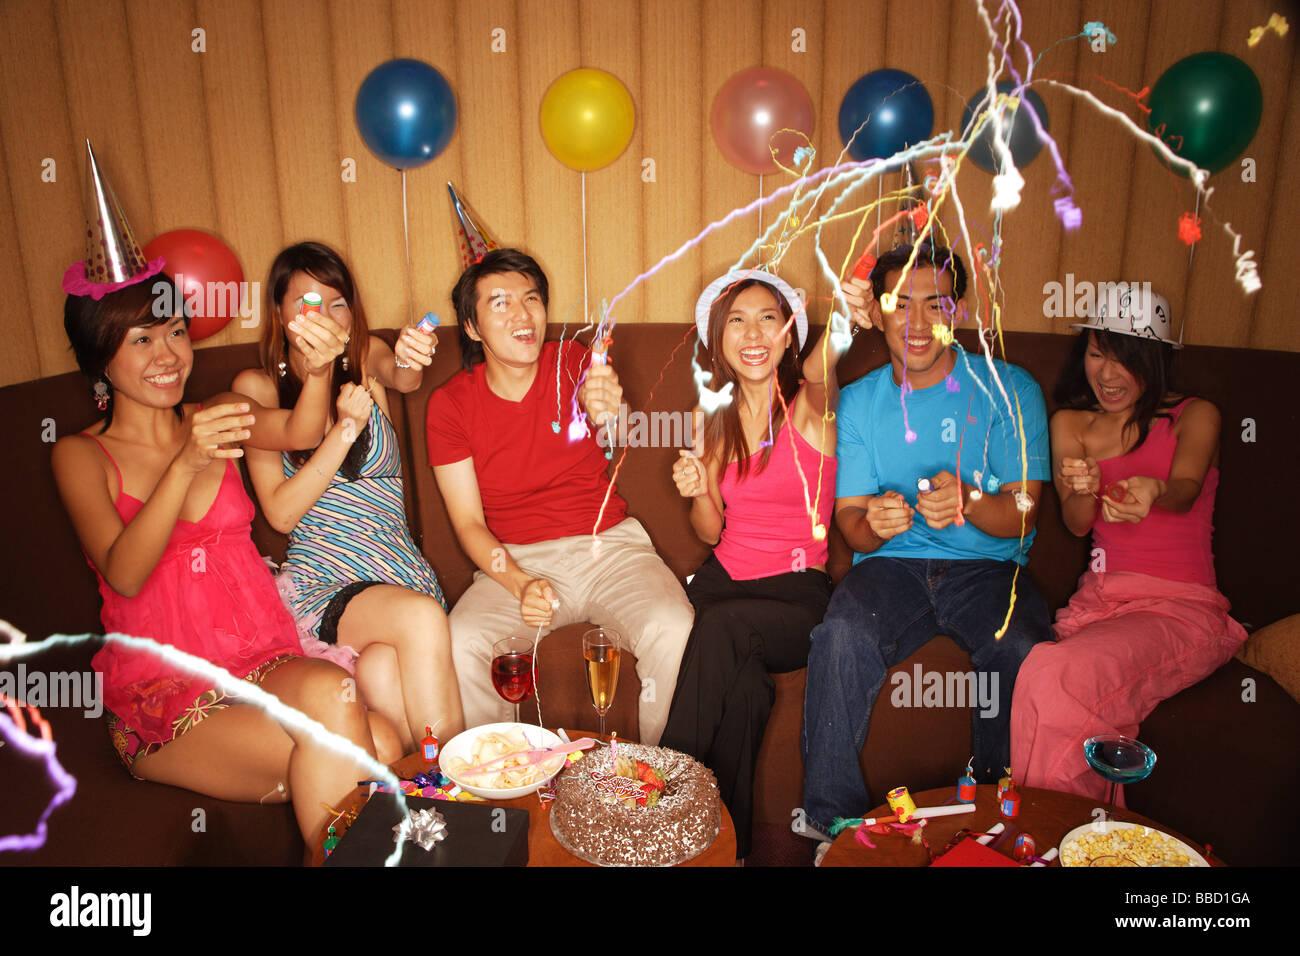 Jugendliche Feiern Mit Crackern Partyhute Und Luftballons Stockbild